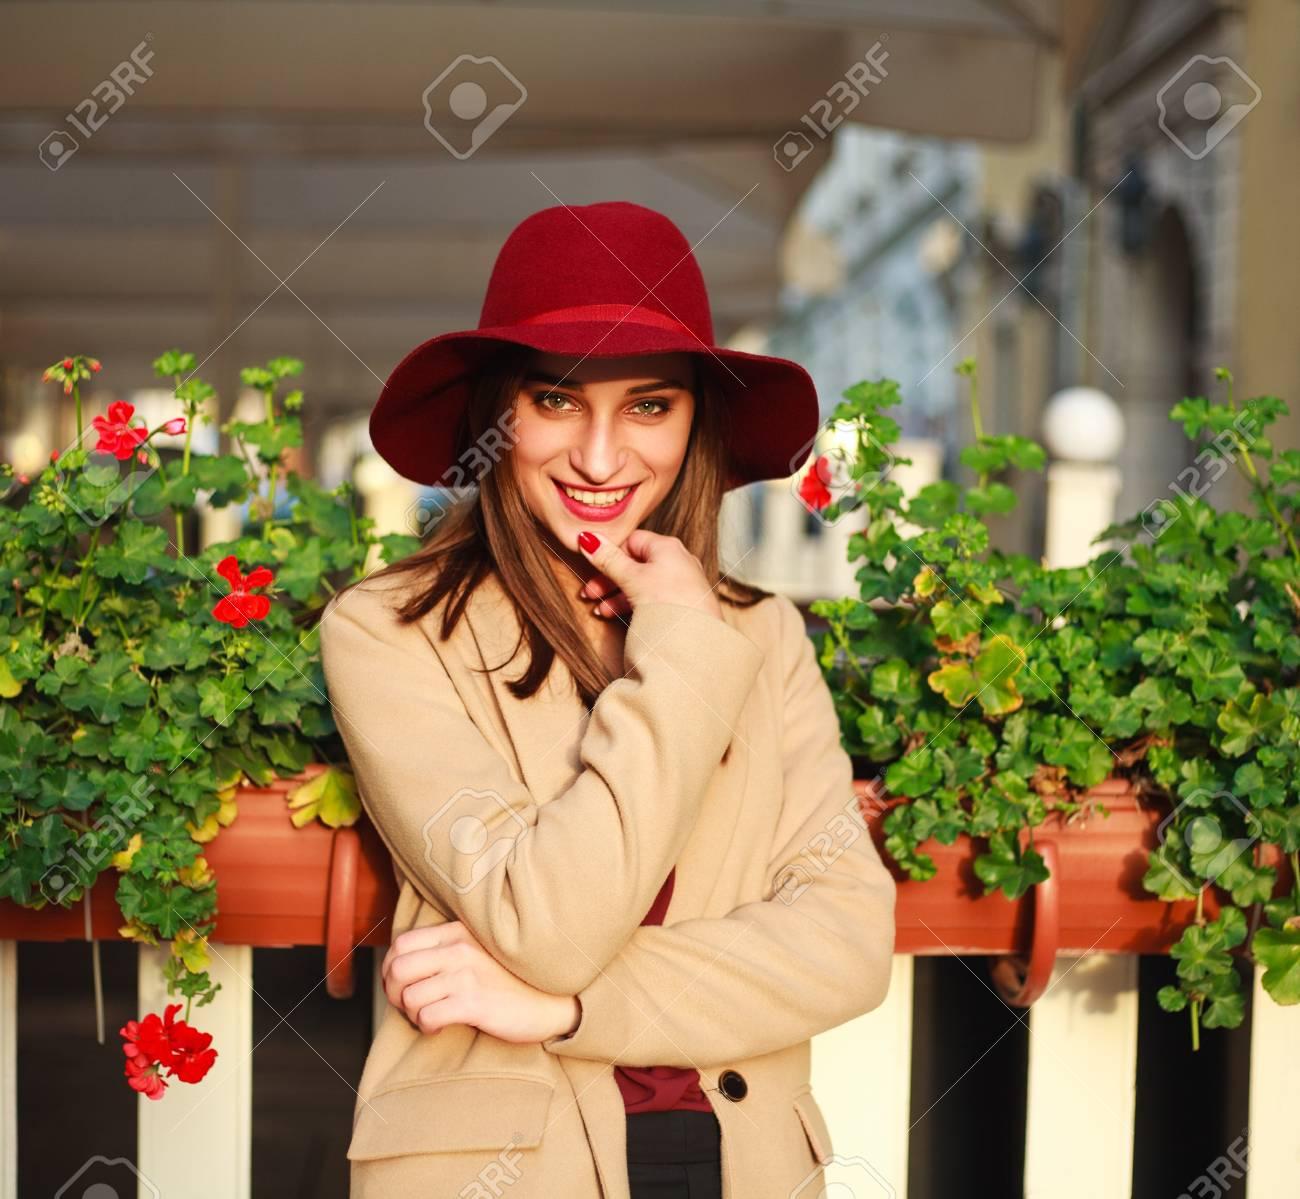 Immagini In Carina Viola Su E Un Ragazza Cappello Cappotto Stock Fp6OrFnH